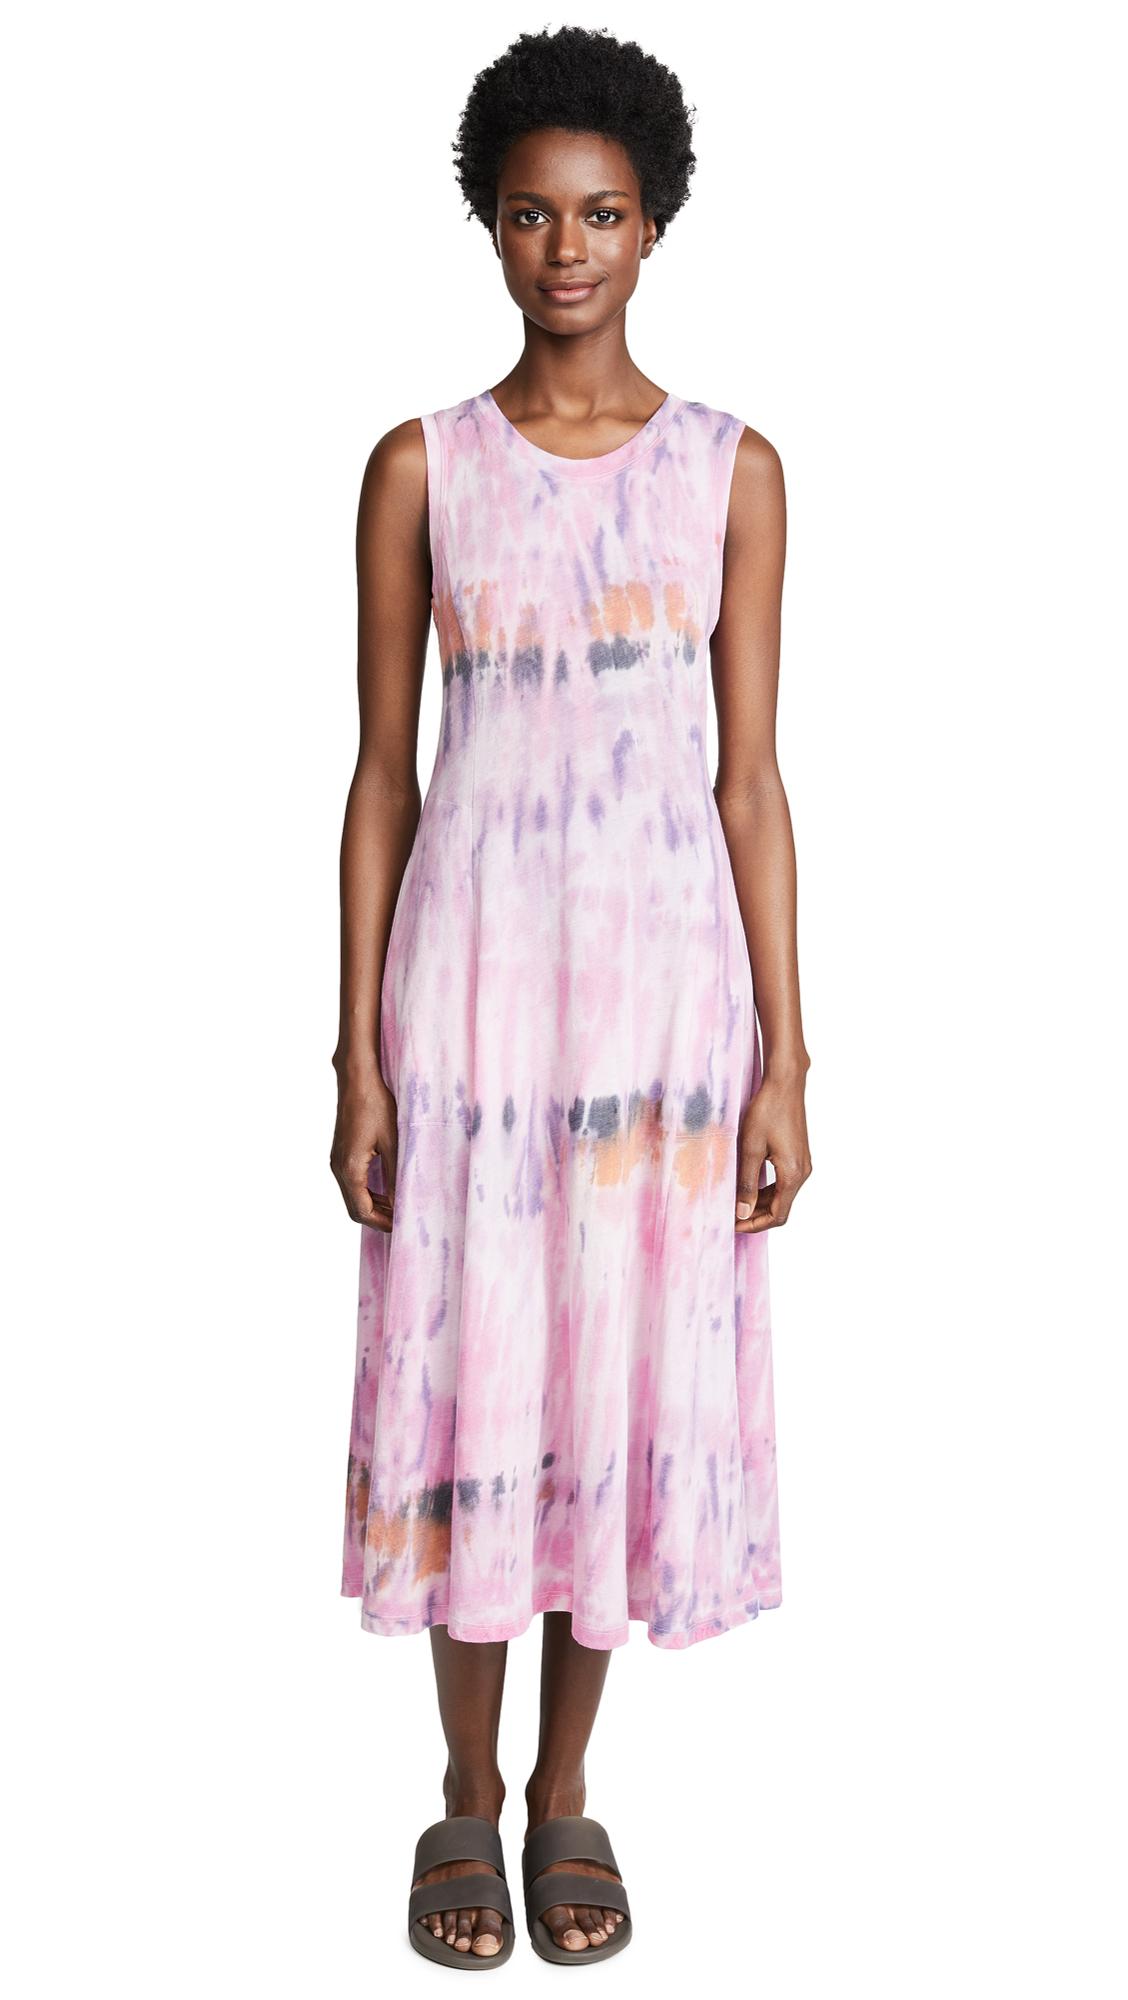 Raquel Allegra Big Sweep Midi Dress In African Violet Tie Dye